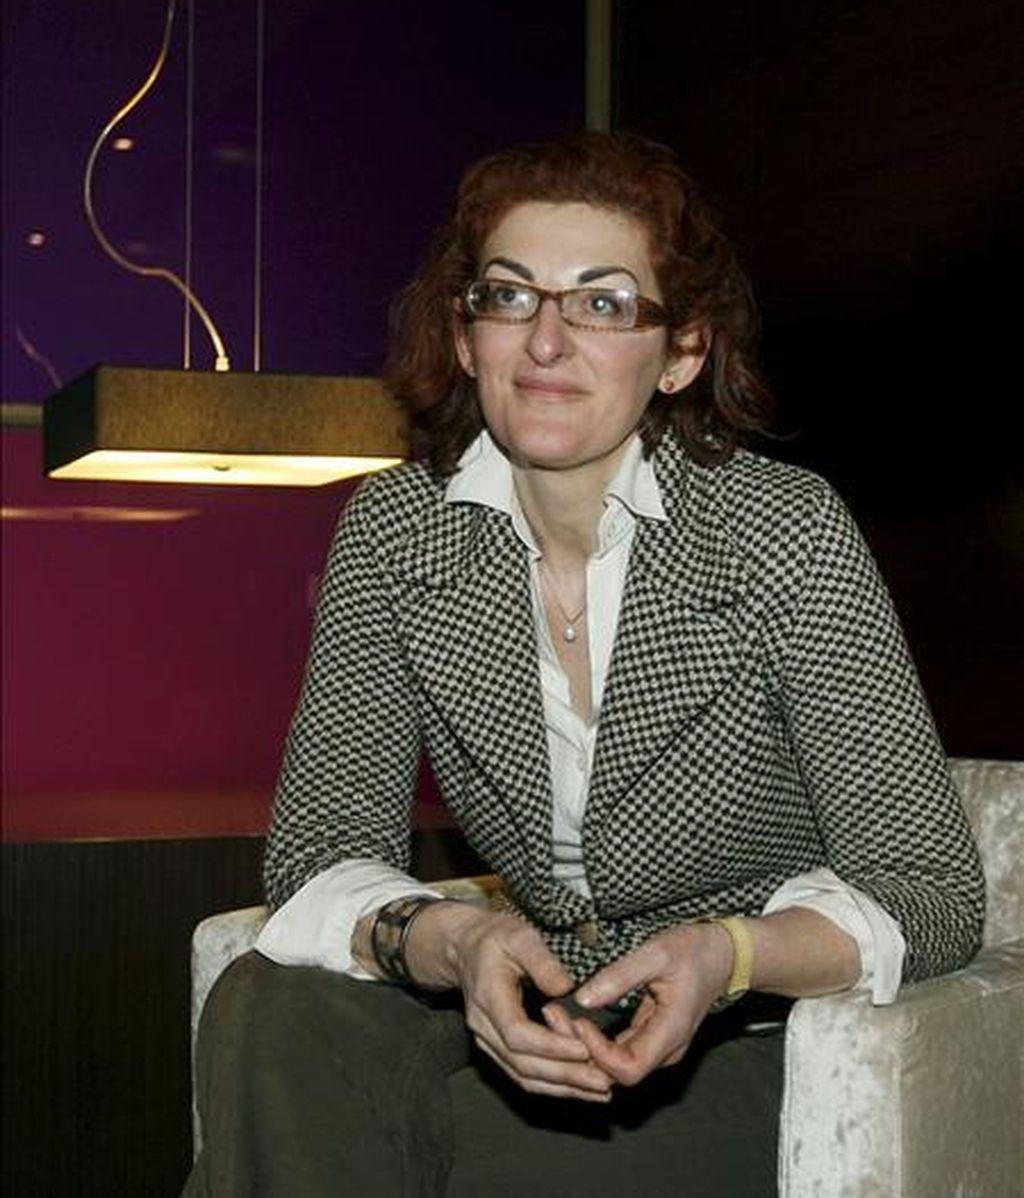 La presidenta de la Fundación Víctimas del Terrorismo, Maite Pagazaurtundua. EFE/Archivo